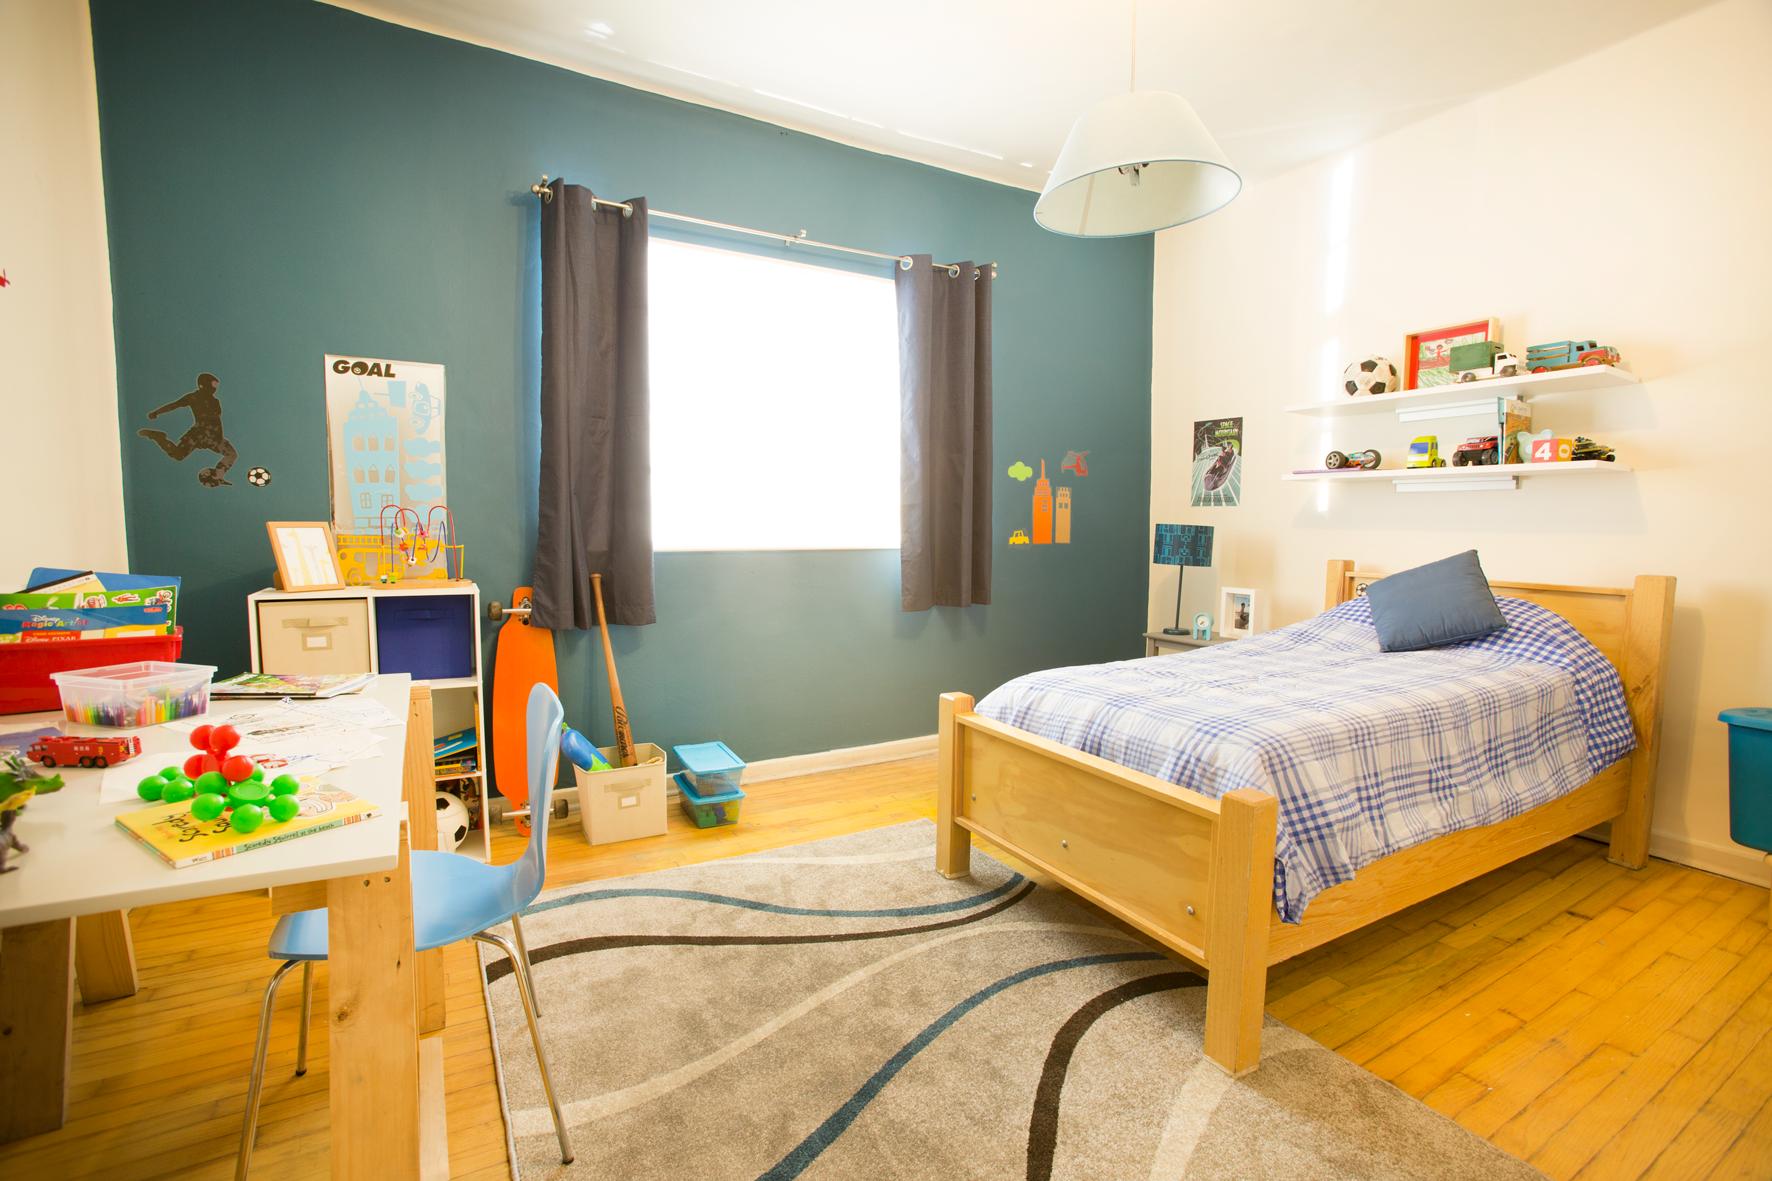 Utiliza accesorios para completar la decoraci n del cuarto for Decoracion habitacion juvenil nino